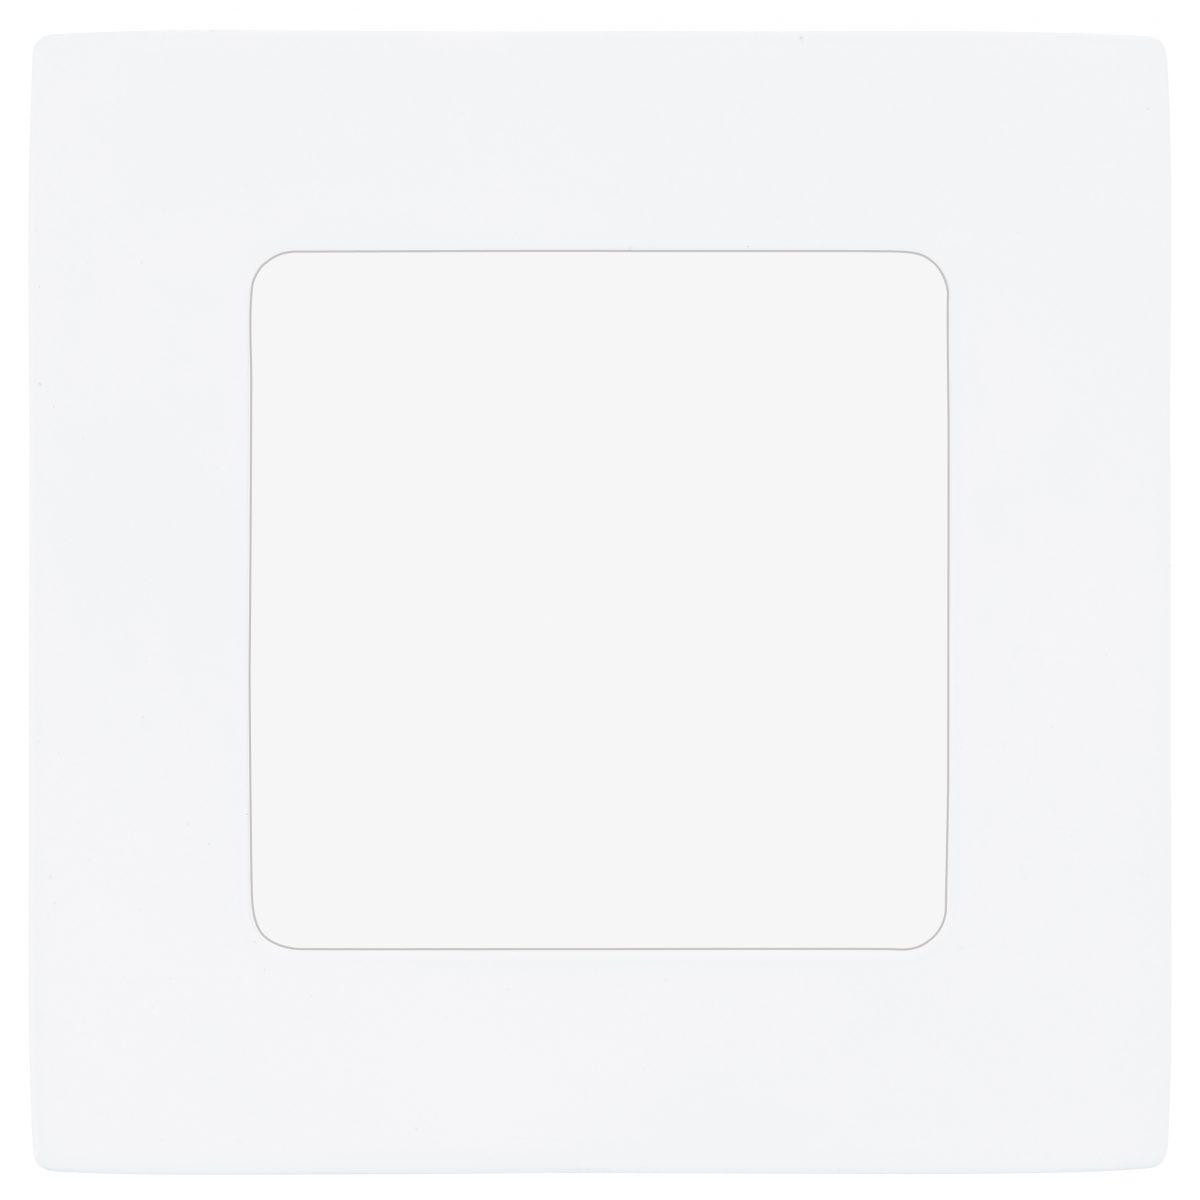 Светильник настенно-потолочный FUEVA 1 EGLO 94054 - Фото №28